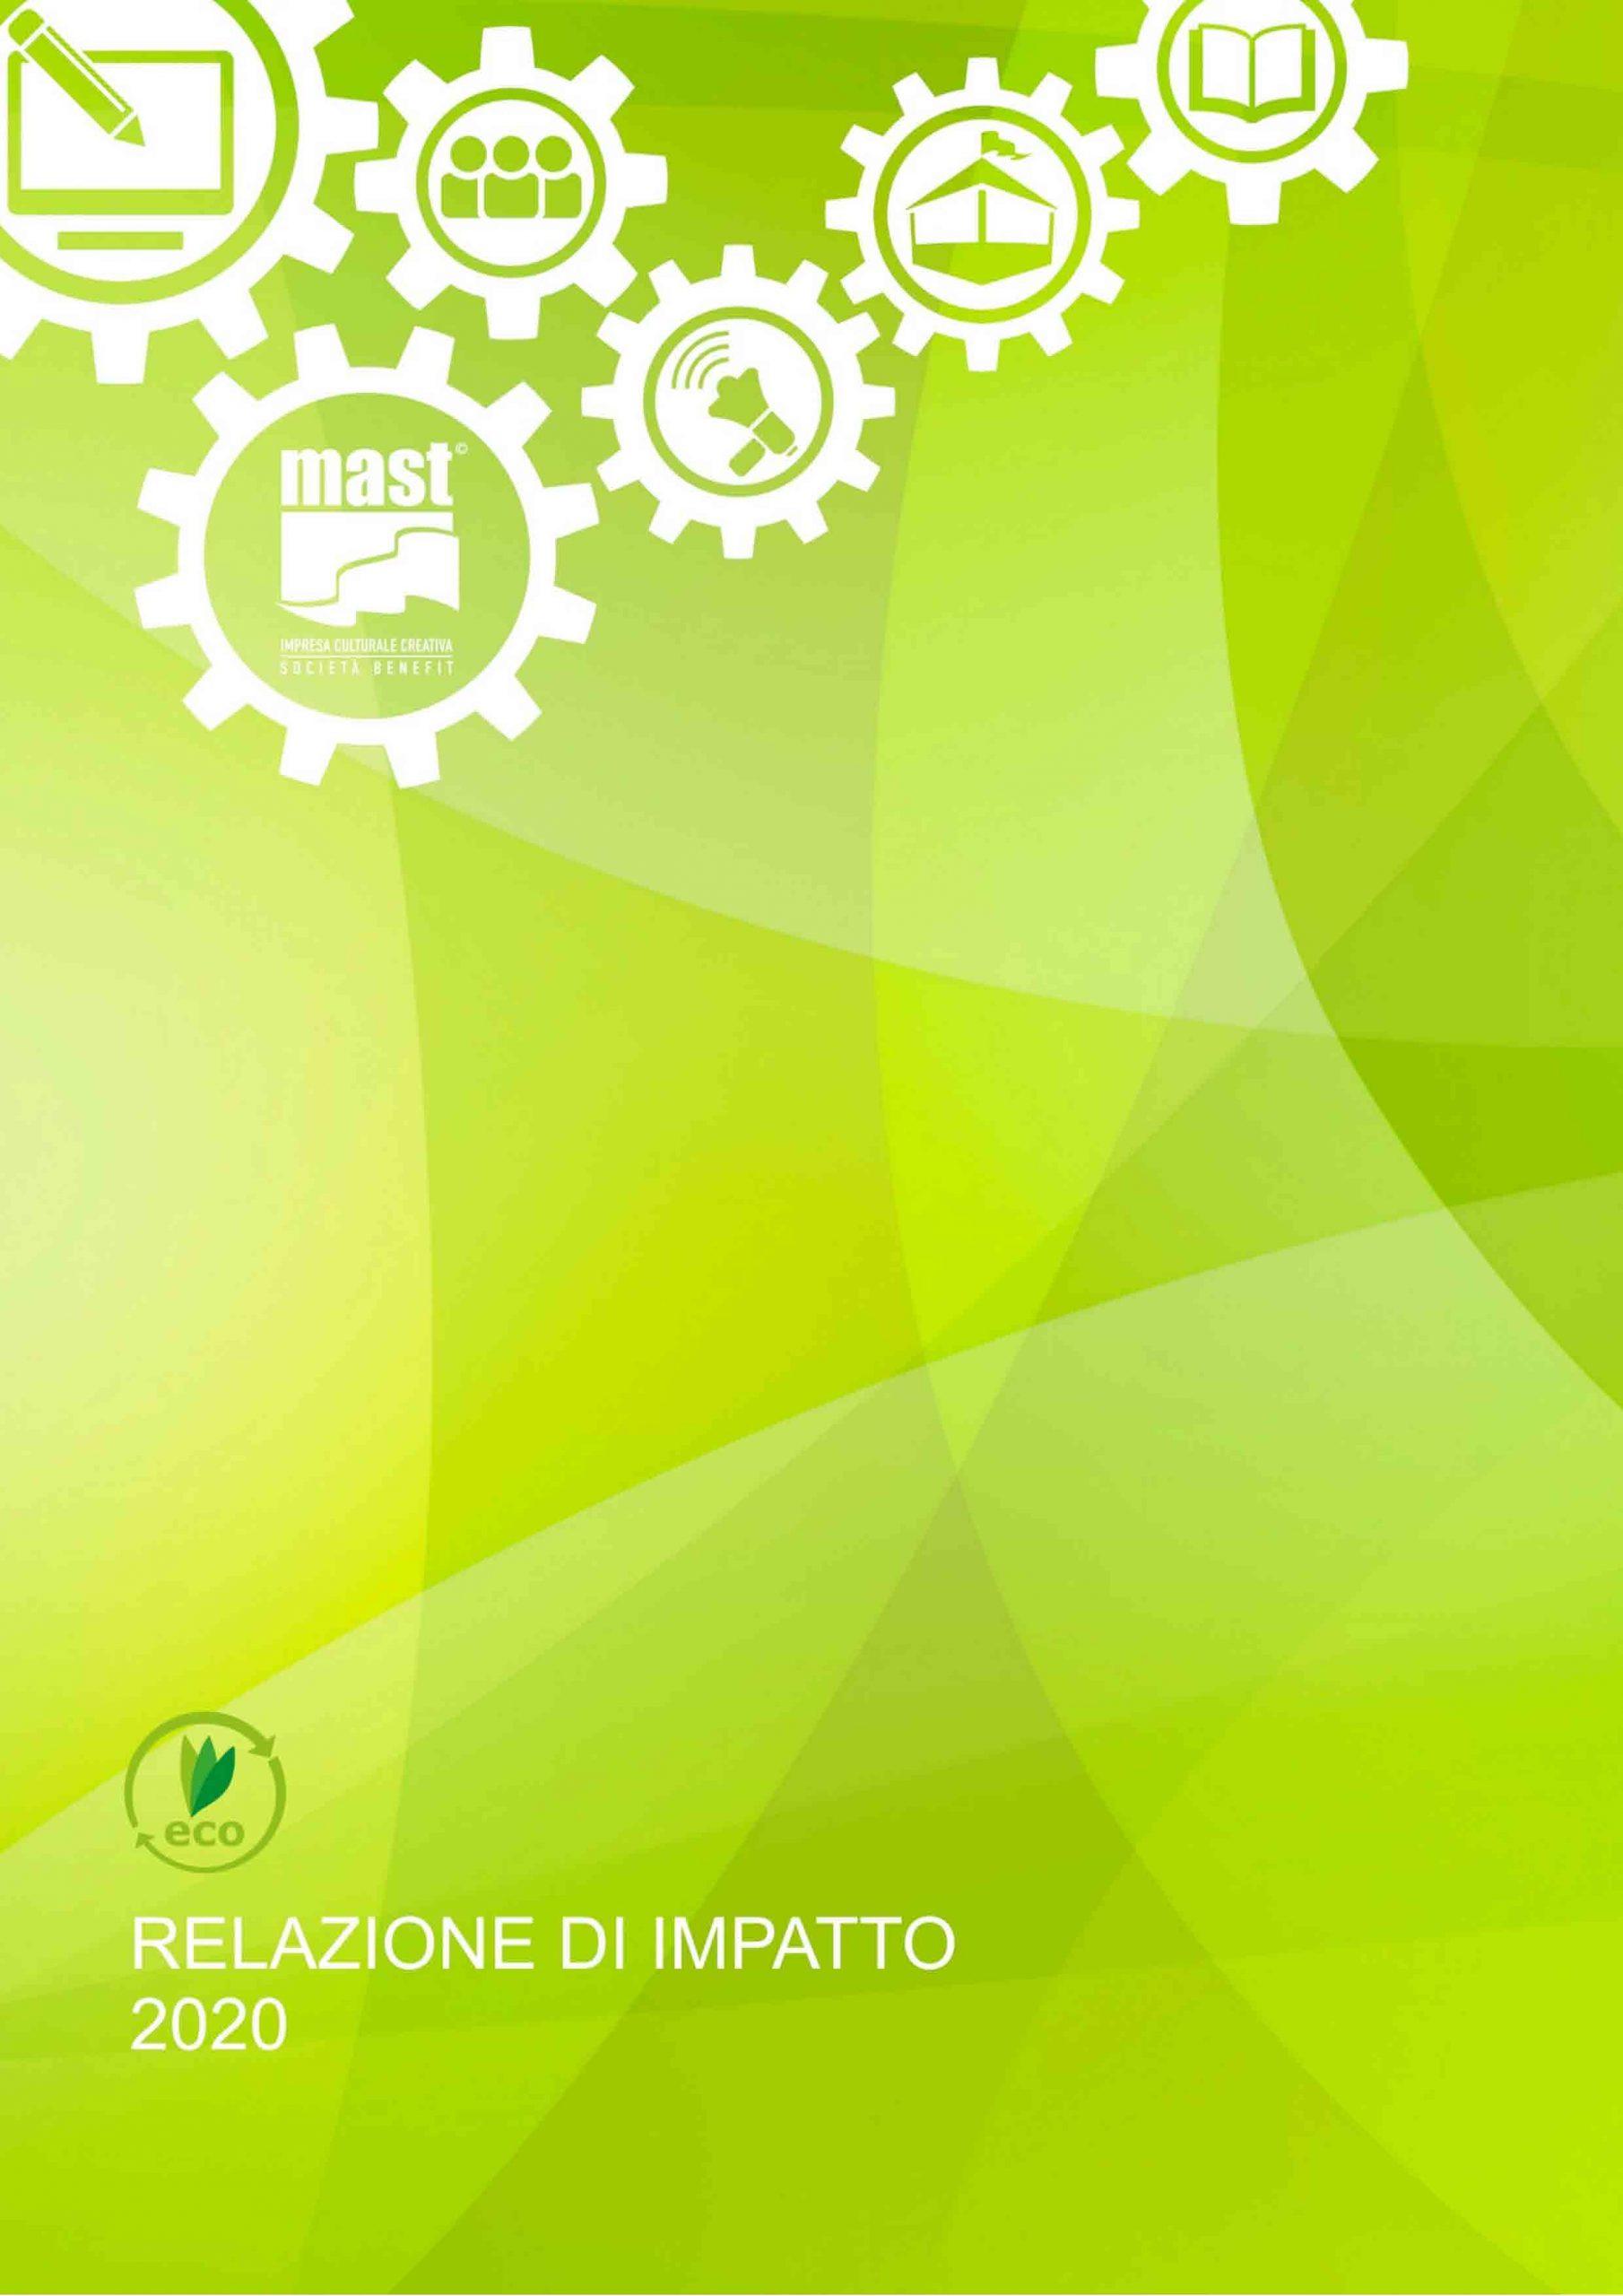 IMPATTO SOCIALE MAST BILANCIO 2020-bozza1_Pagina_01